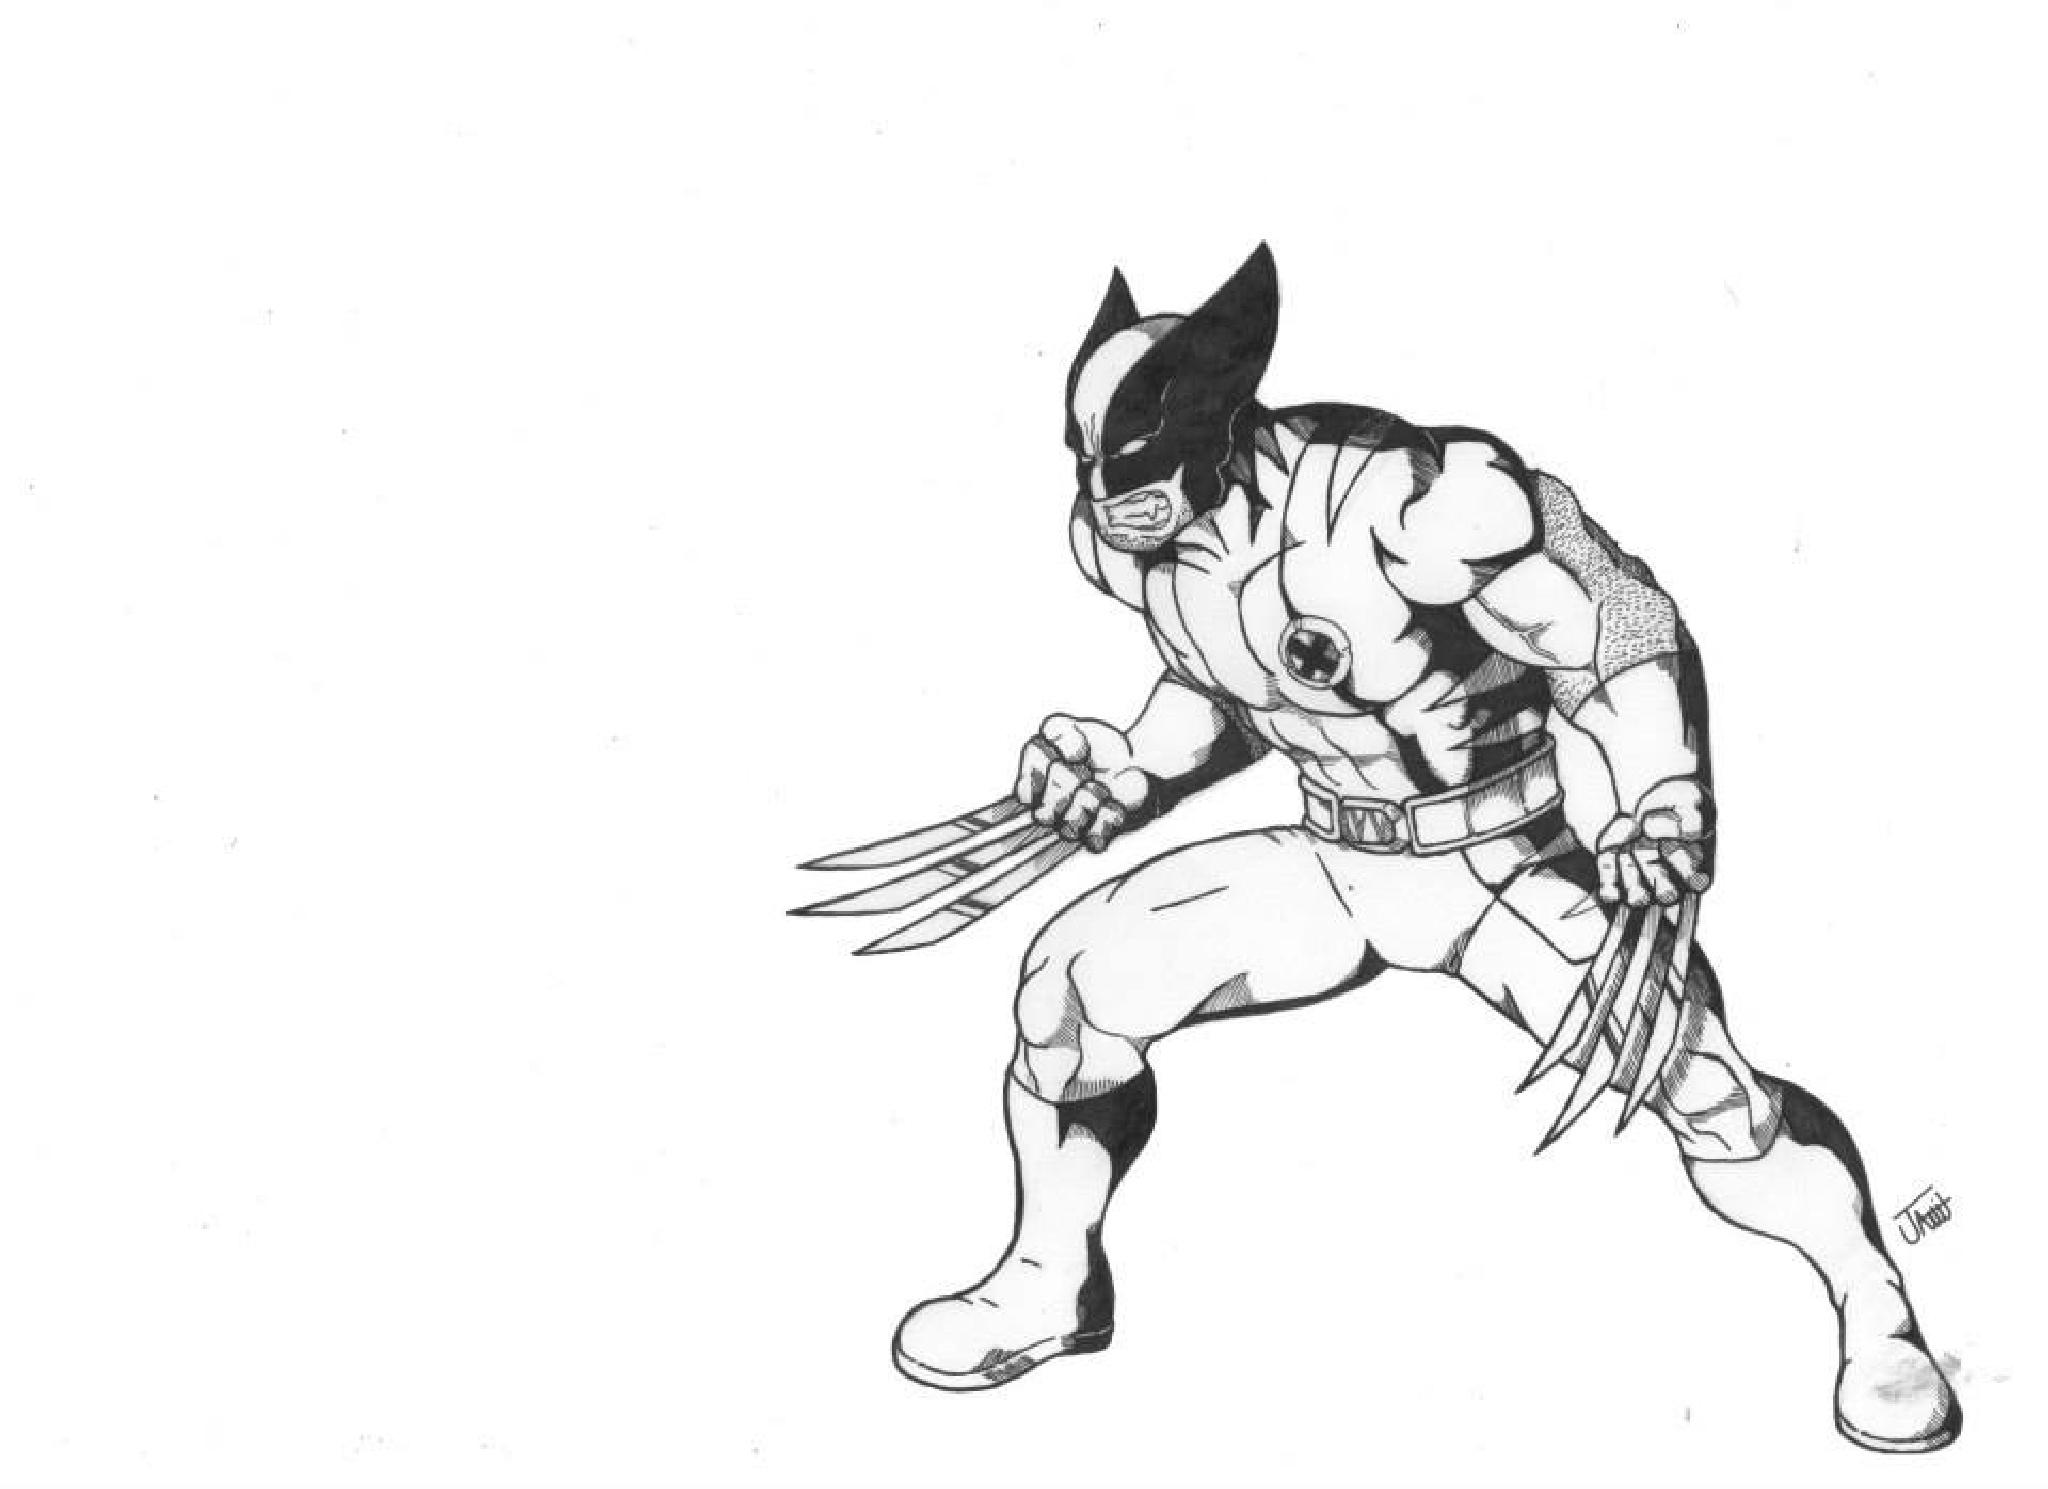 Wolwerine Marvel Comics Fan Art by Jamil Araujo